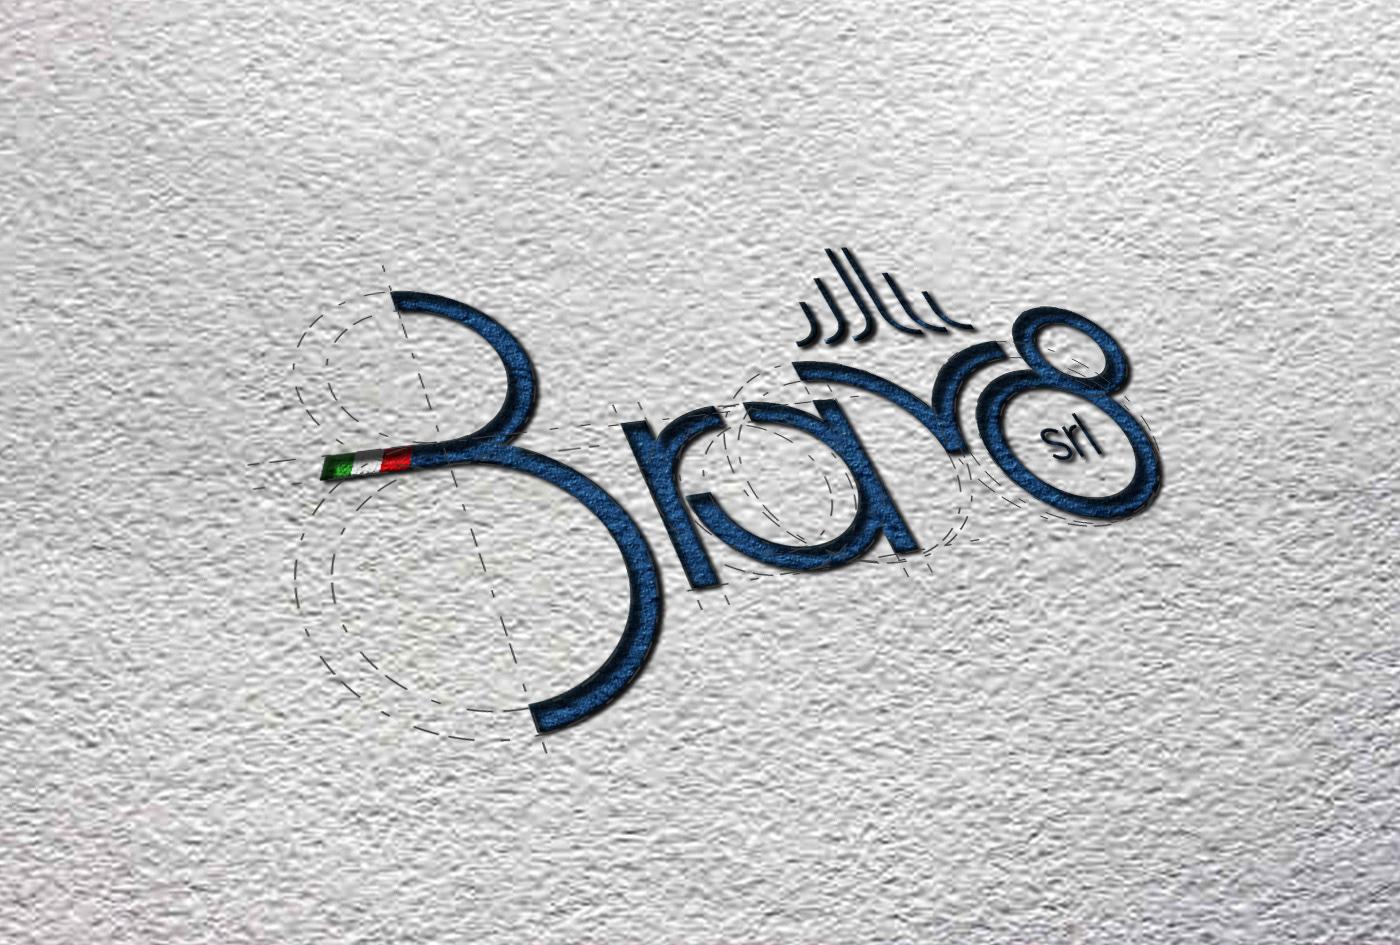 logo brand marchio grafica vettoriale disegno